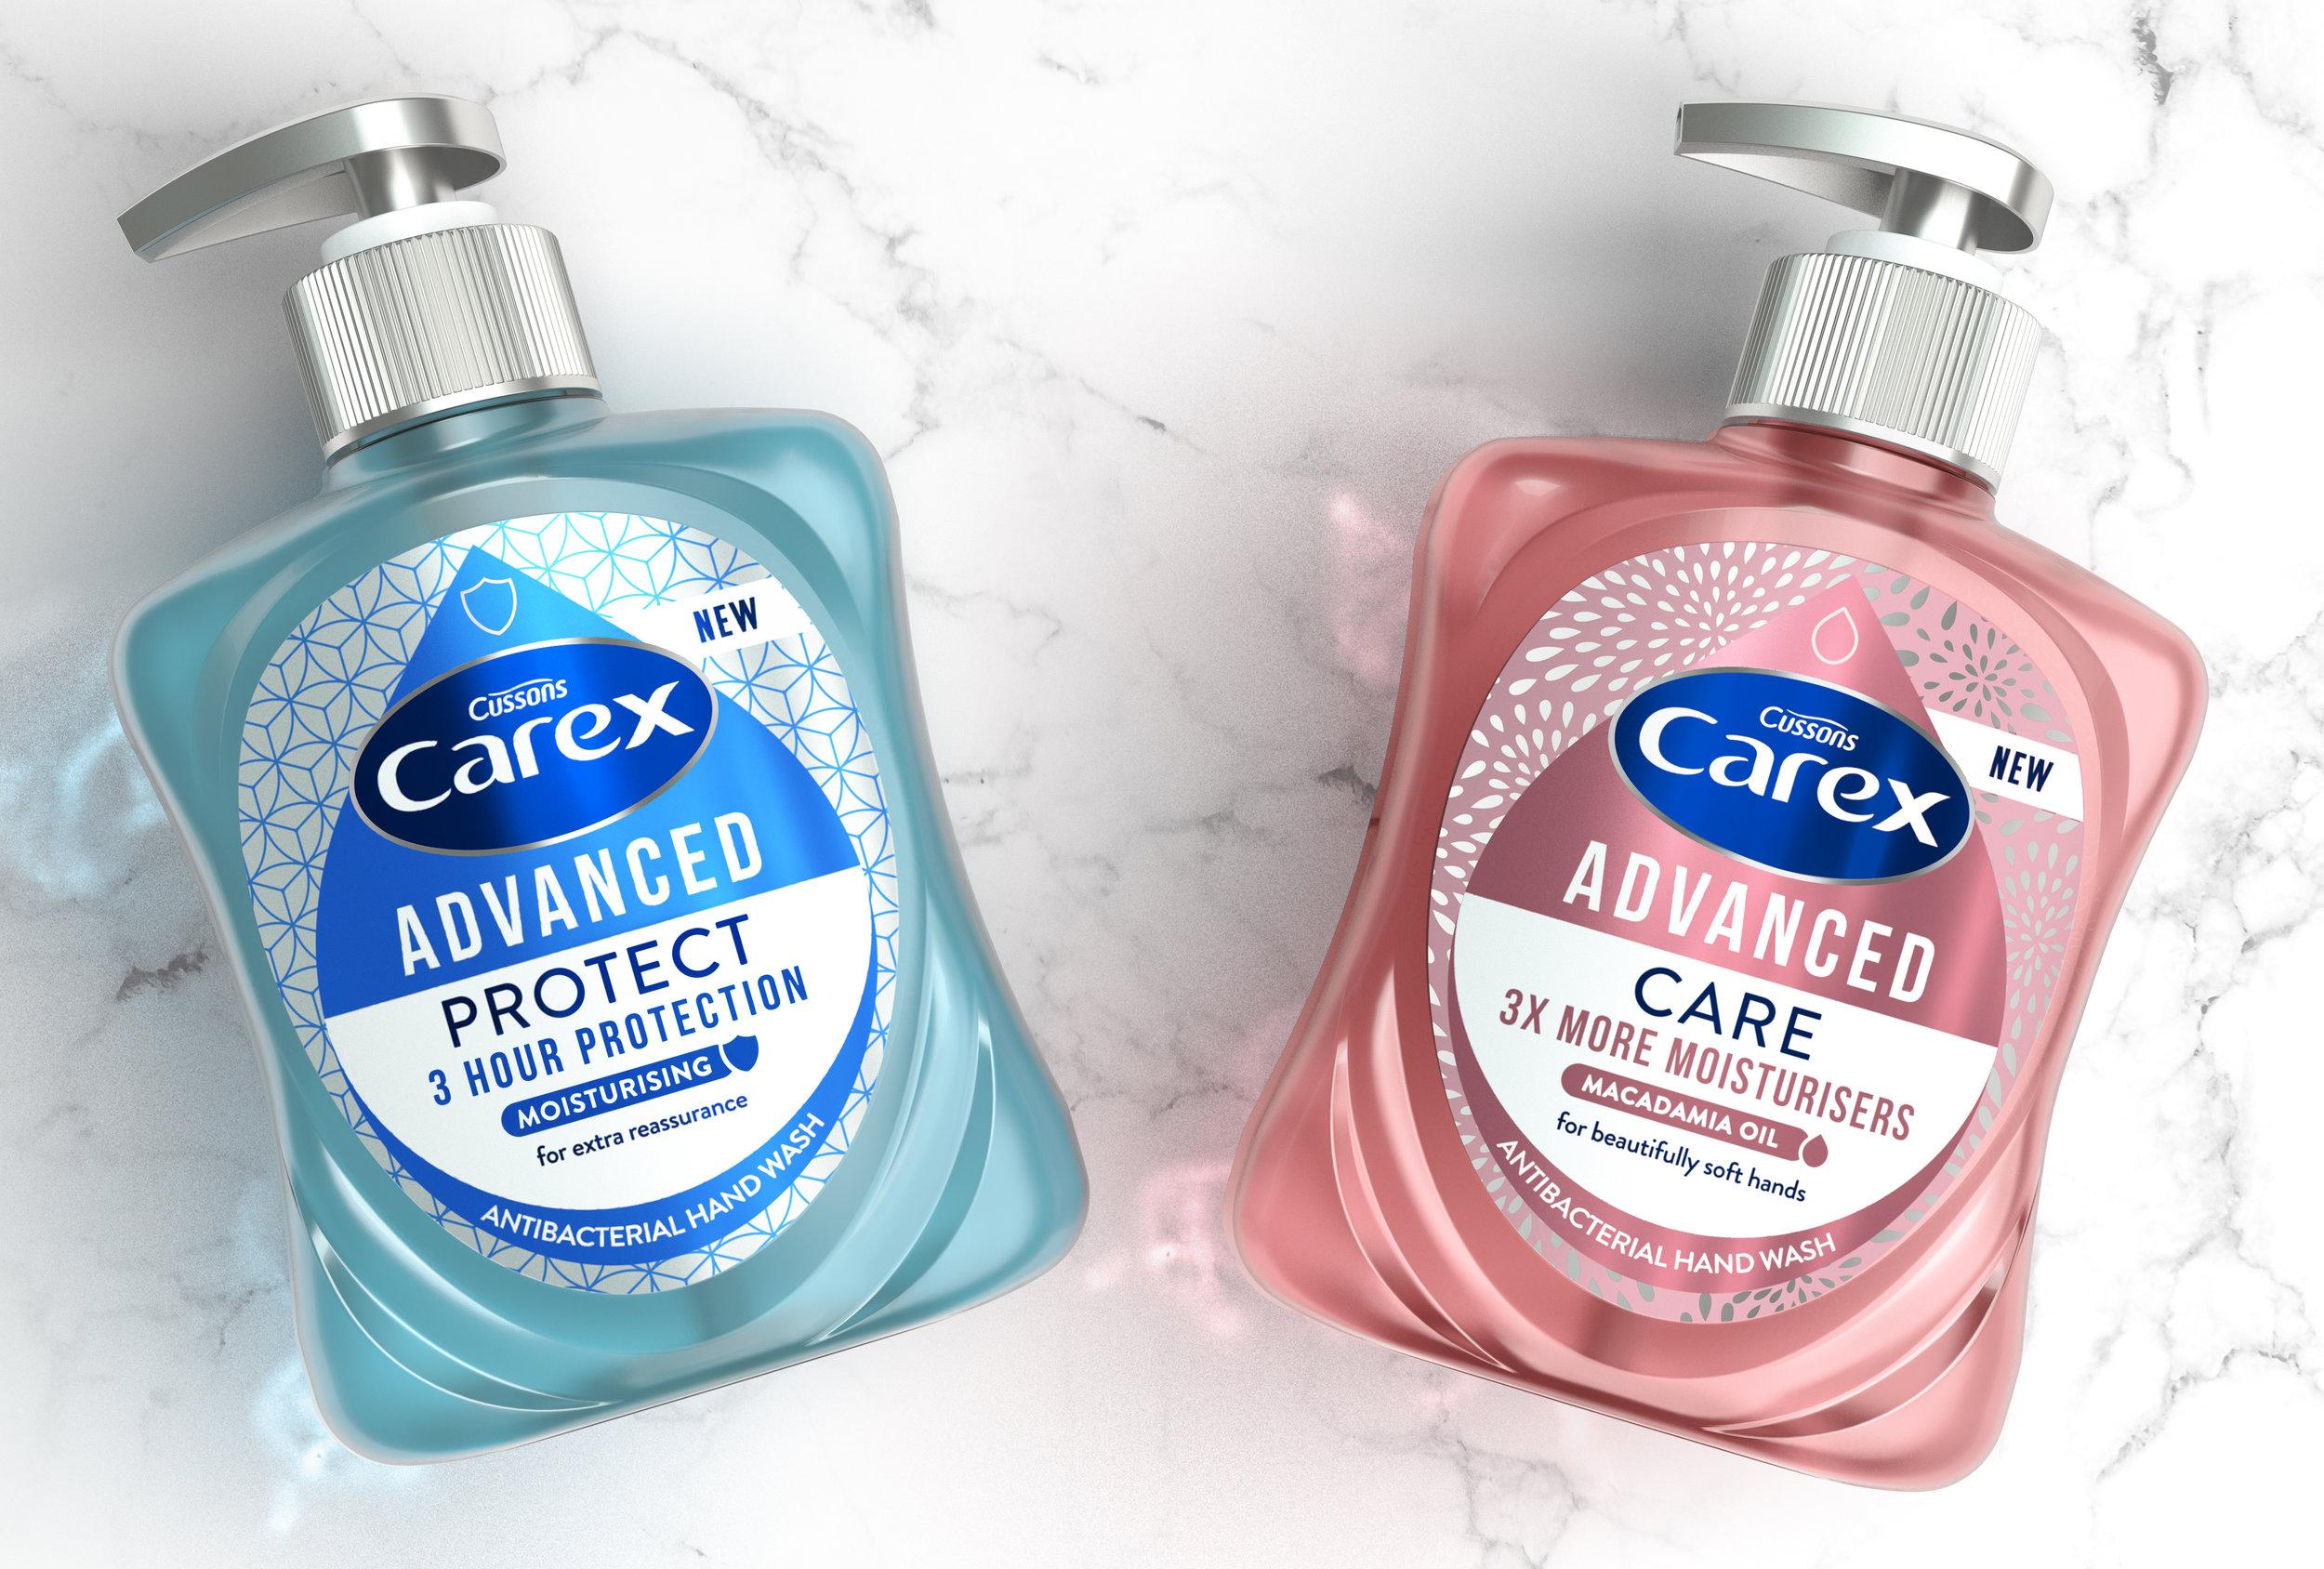 PB_CAREX_Handwash_Advanced 1_21-08-18.jpg